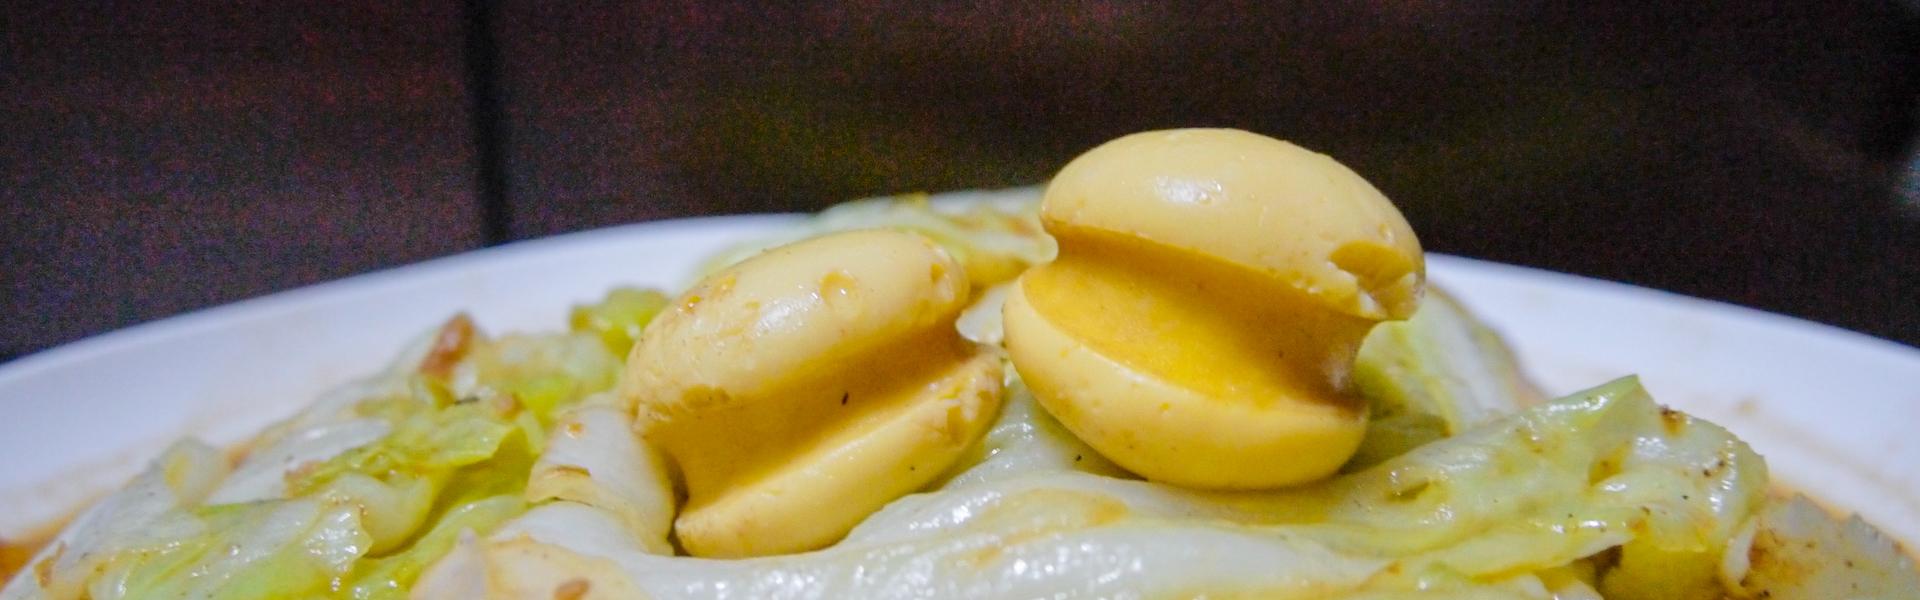 基隆Only,隱藏美食|基隆蛋腸哥,火鍋界中的黃色馬卡龍